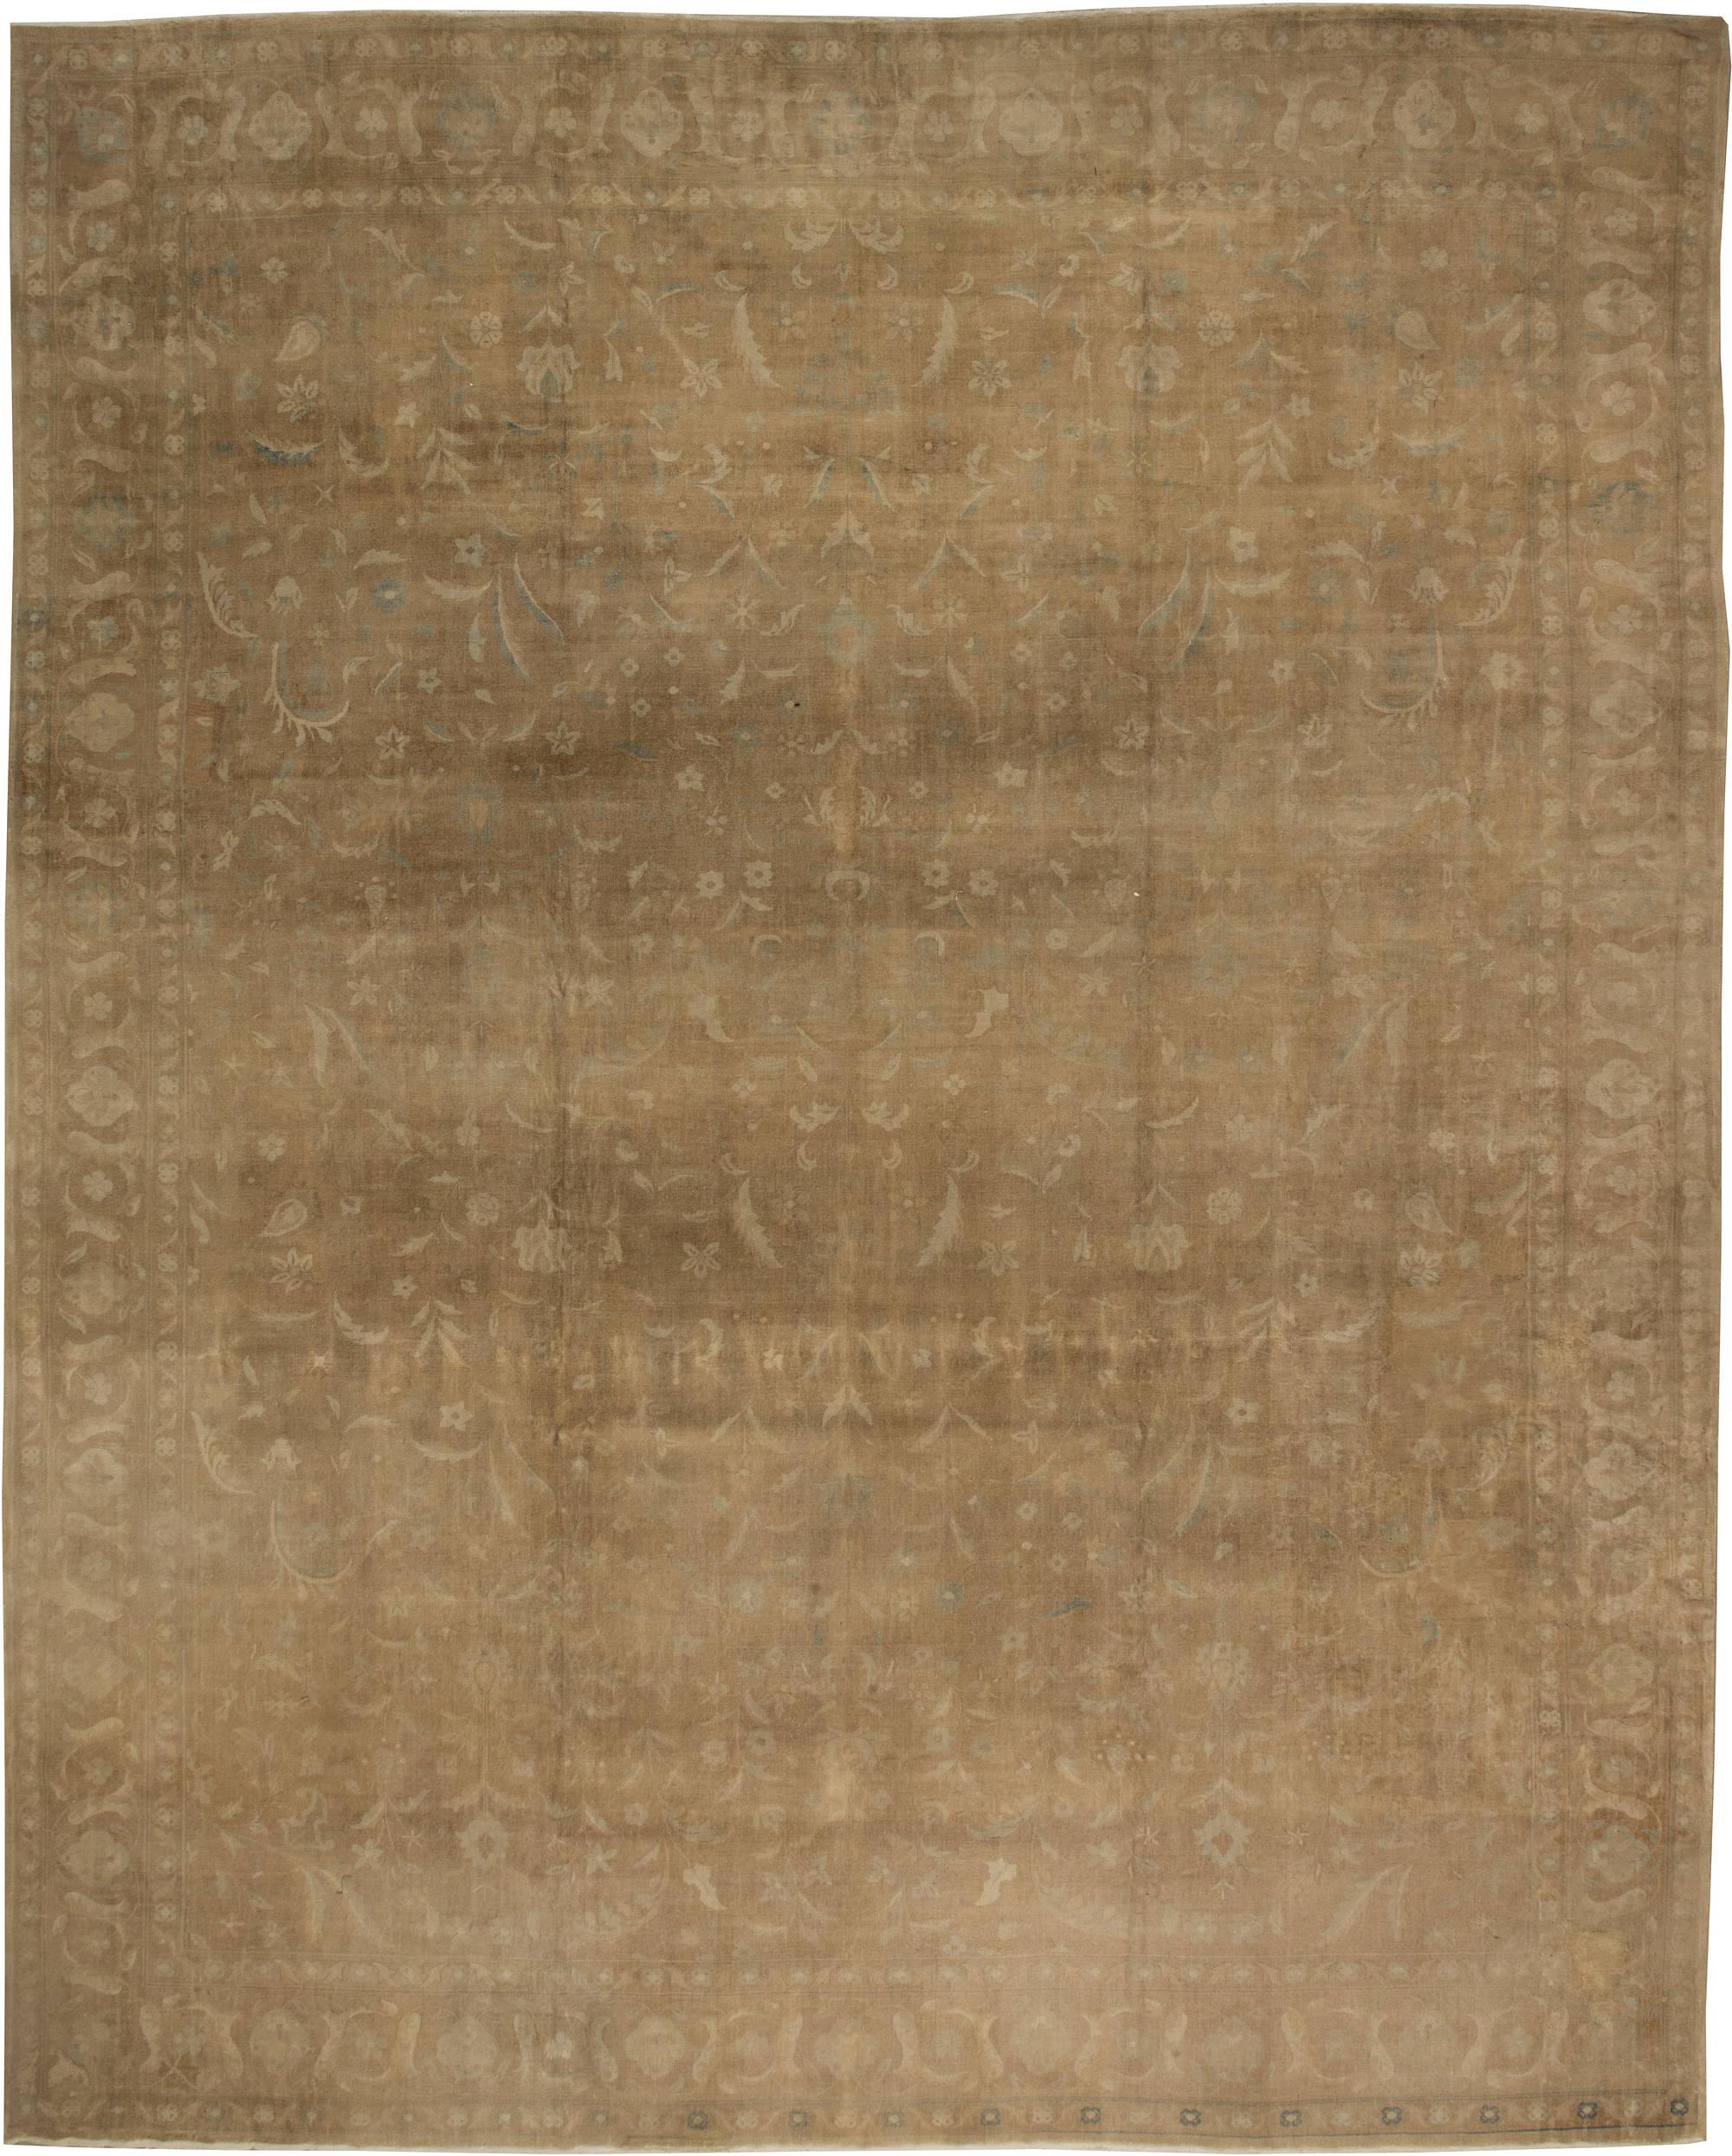 Large Indian Antique Rug BB5917